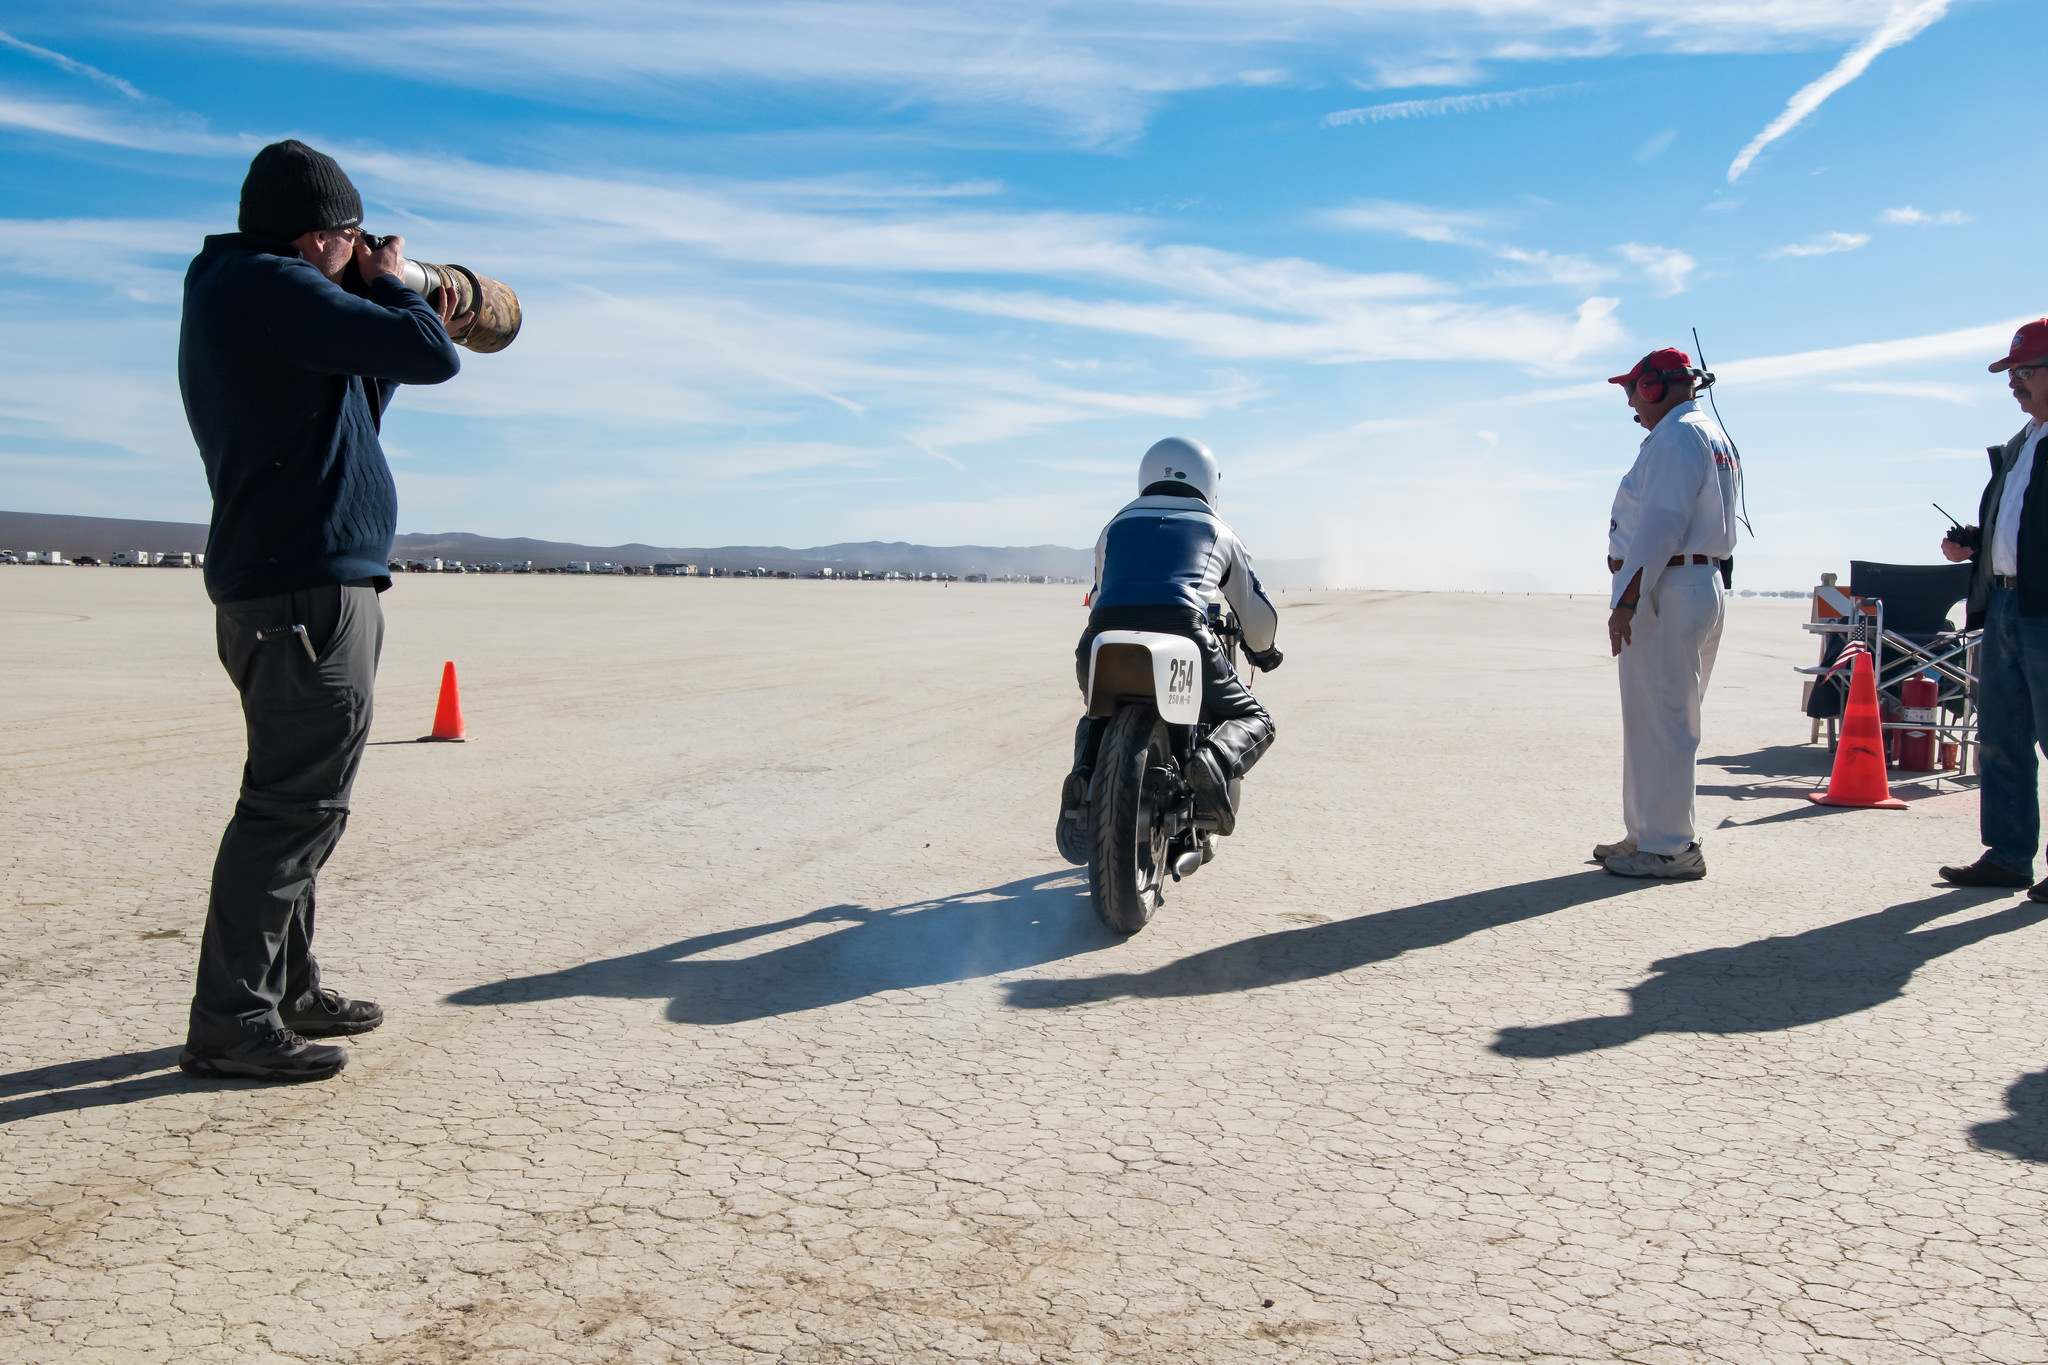 land speed racing3 Speed Racing at El Mirage Dry Lake